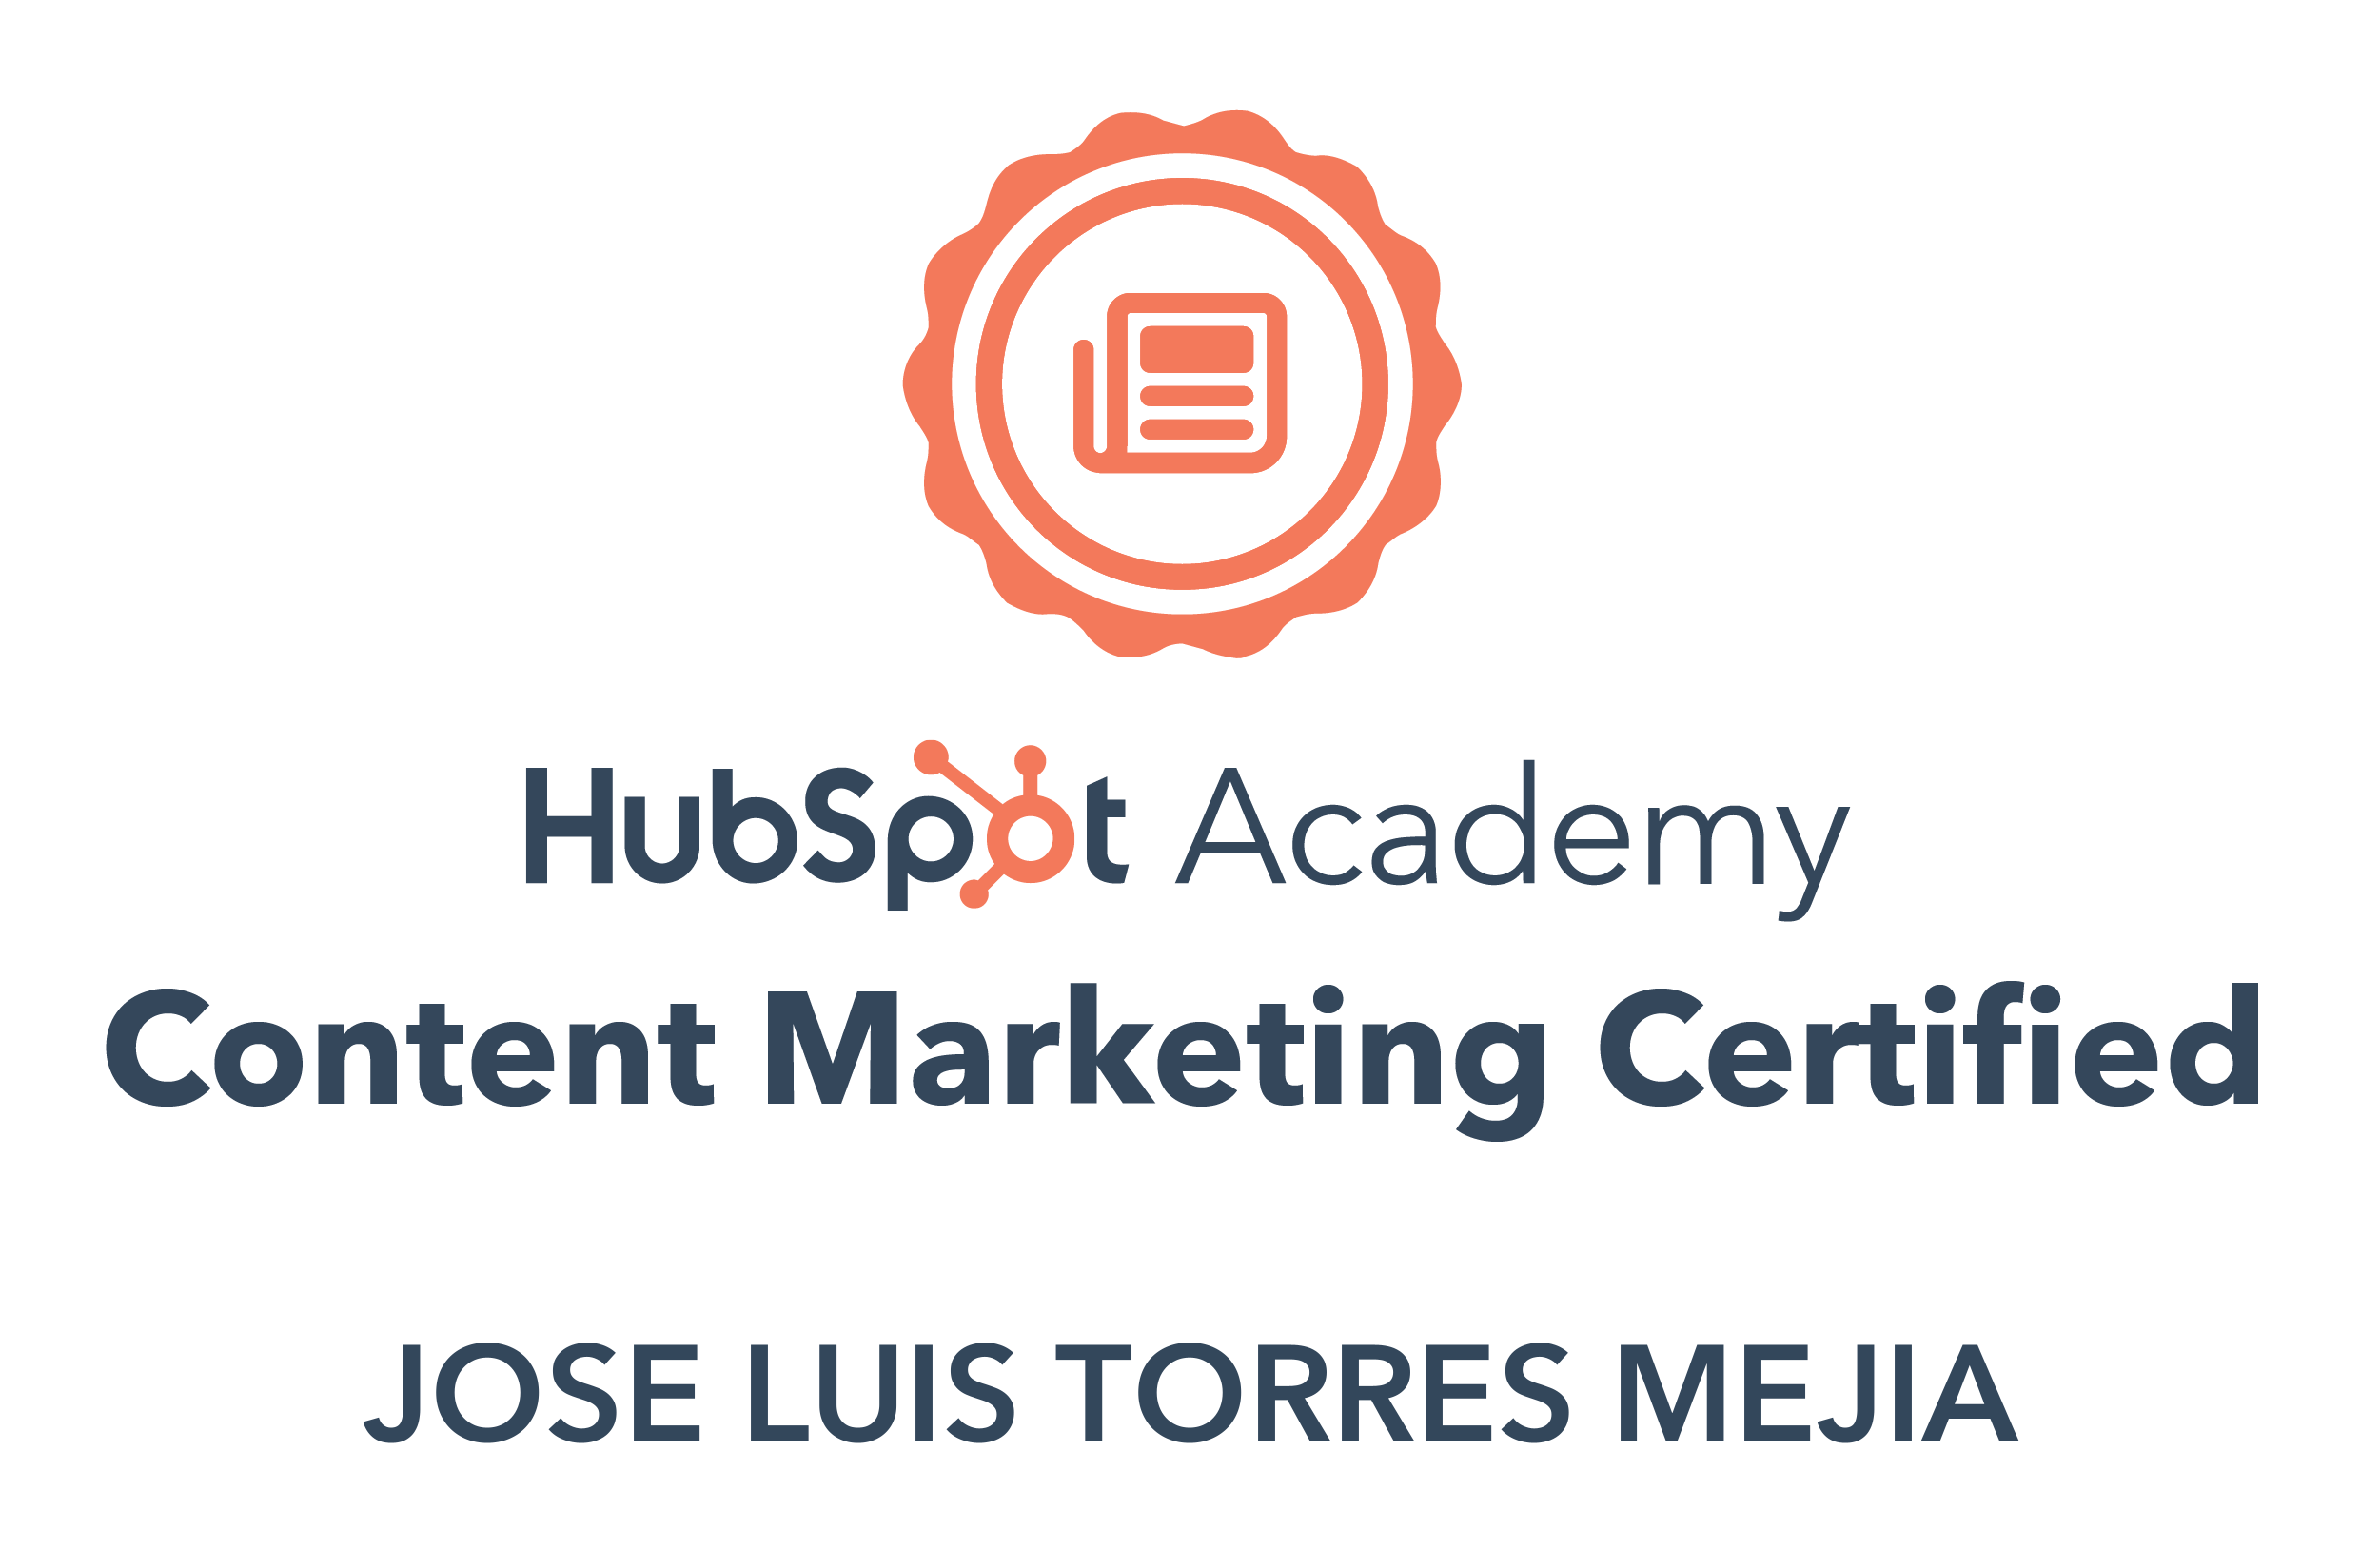 Jose Luis Torres Mejia  Content Marketing Certified